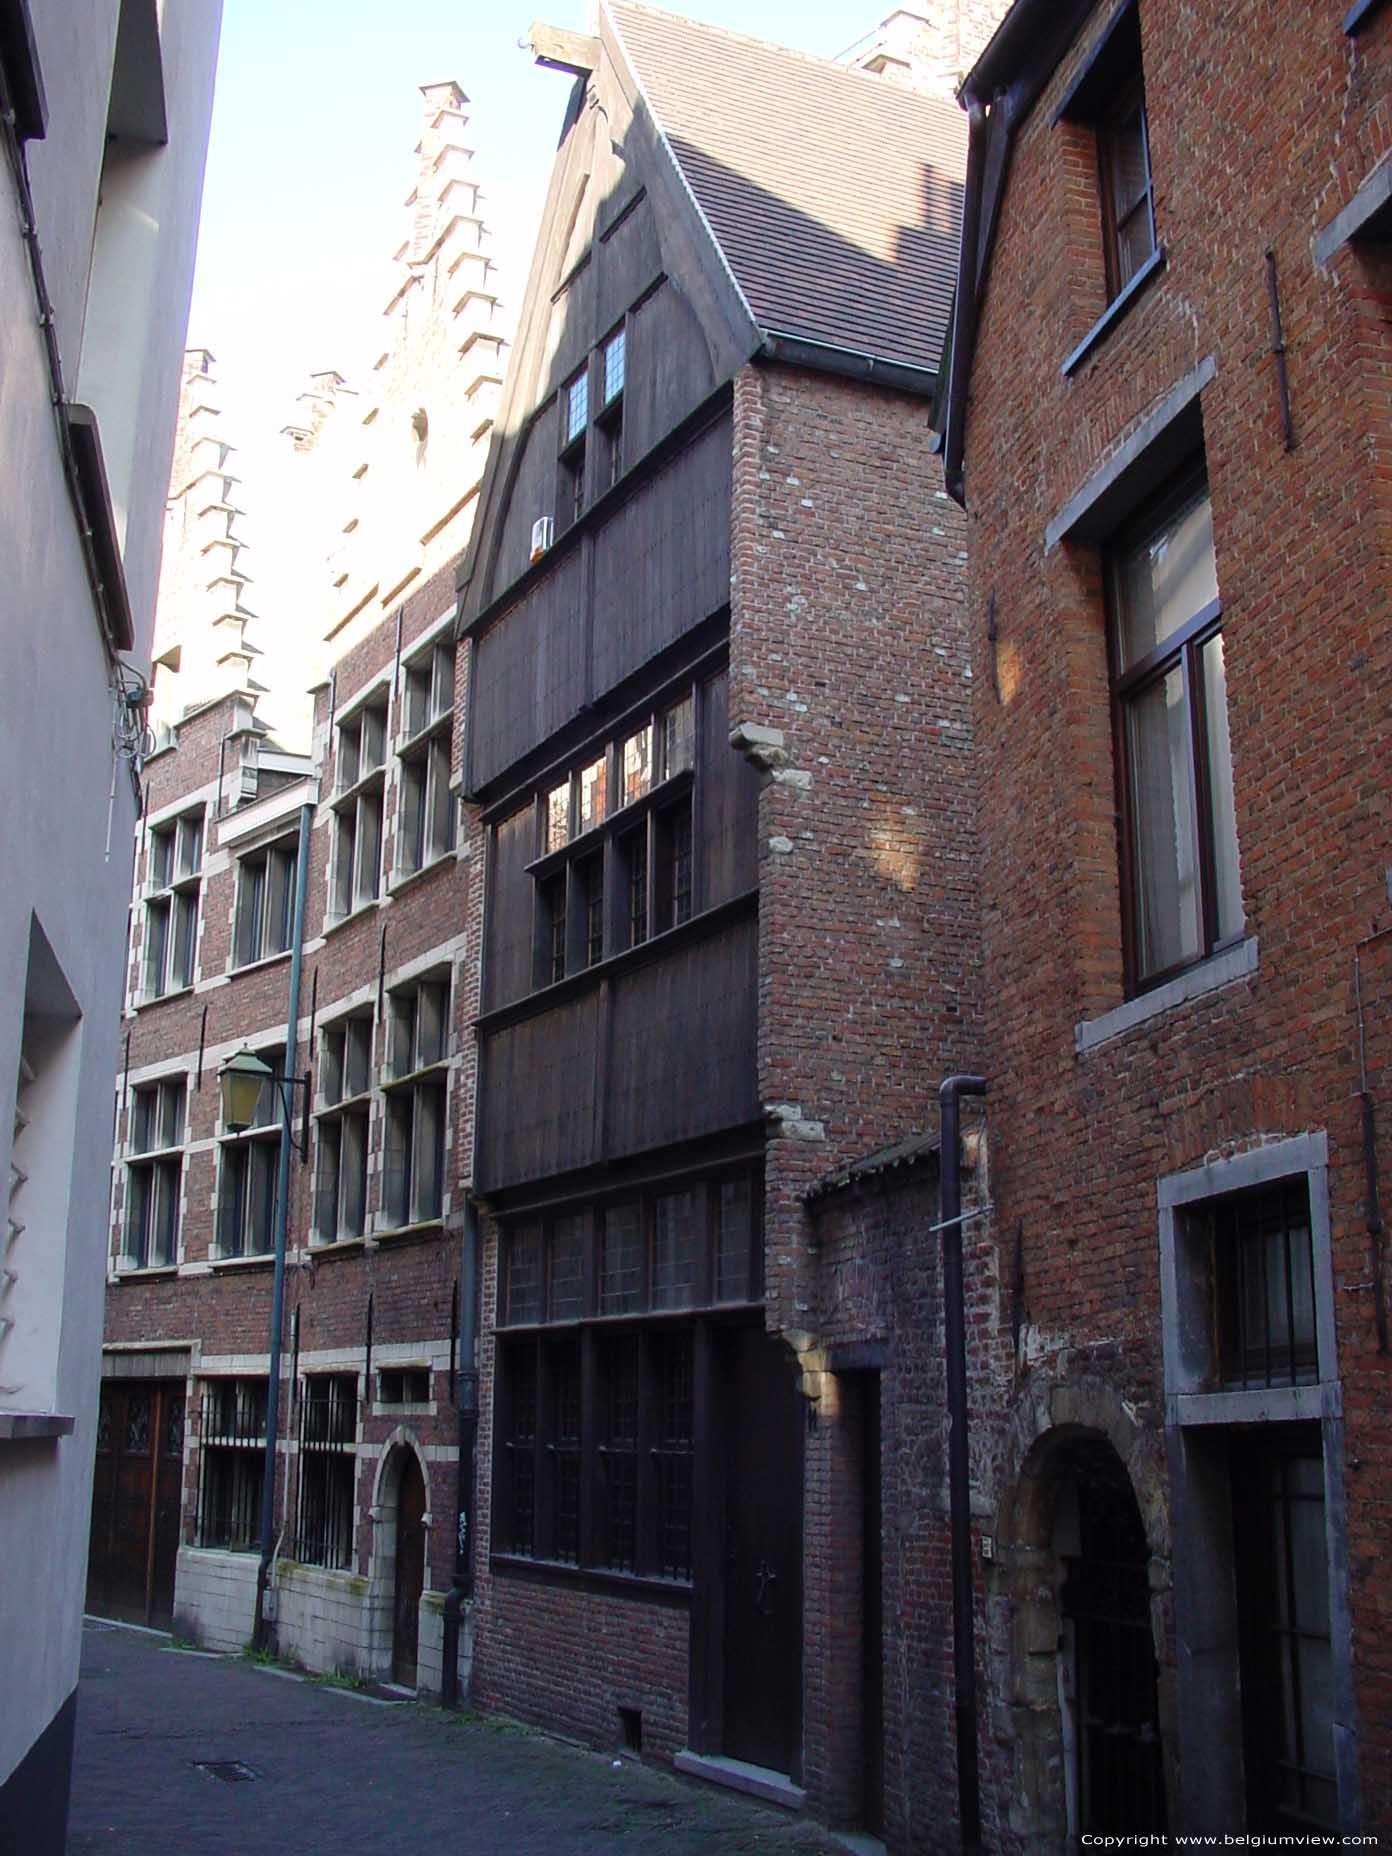 Houten huis antwerpen 1 centrum in antwerpen belgi - Houten huis ...